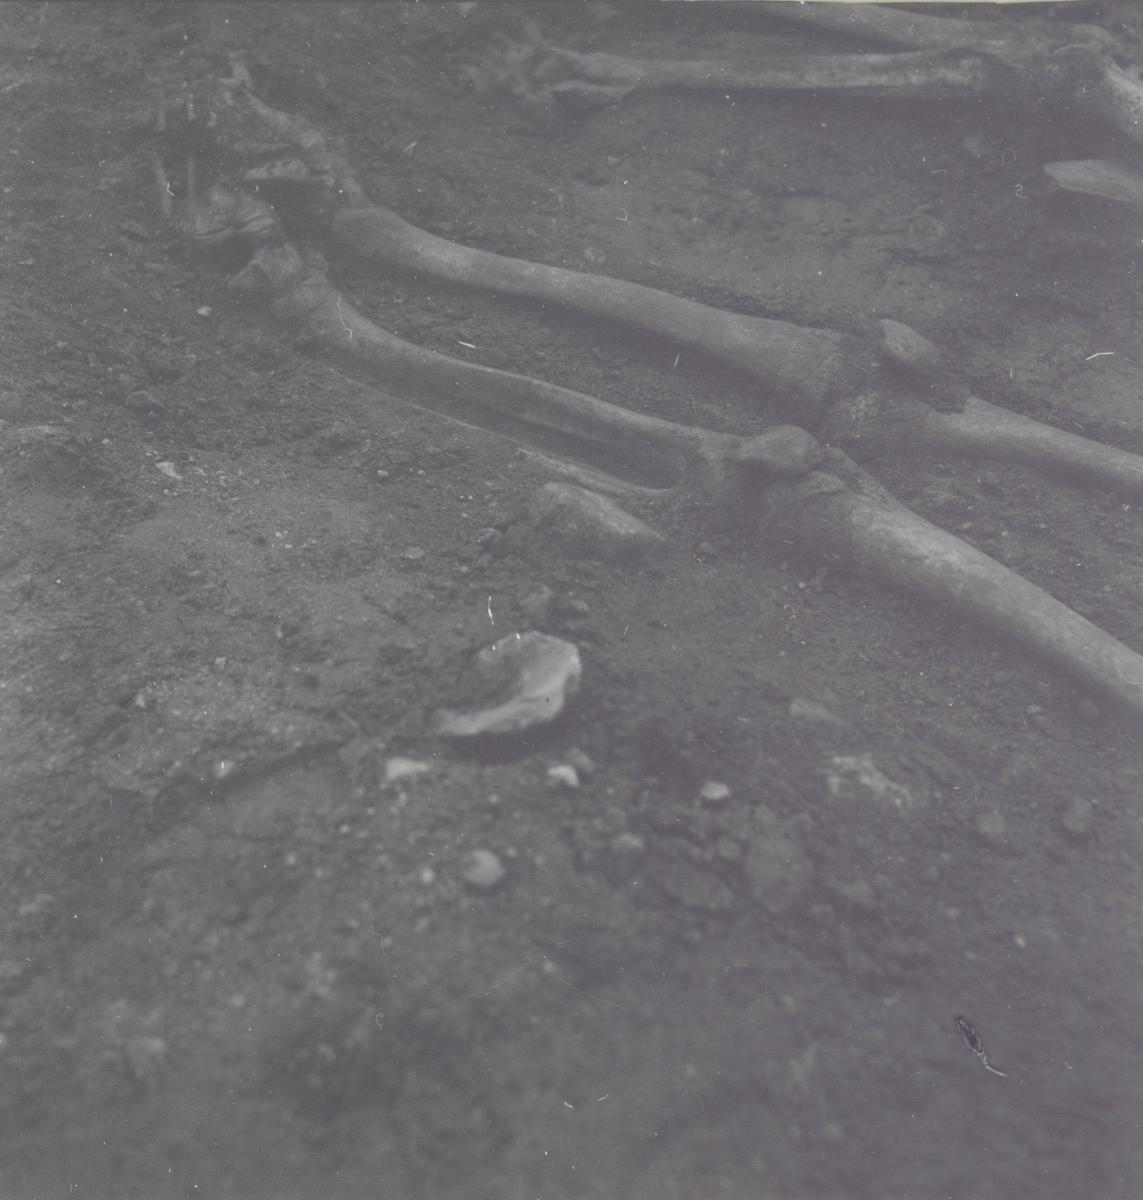 Bäcken och de långa rörbenen. Foto:Gunnel Forsberg oktober 1965.